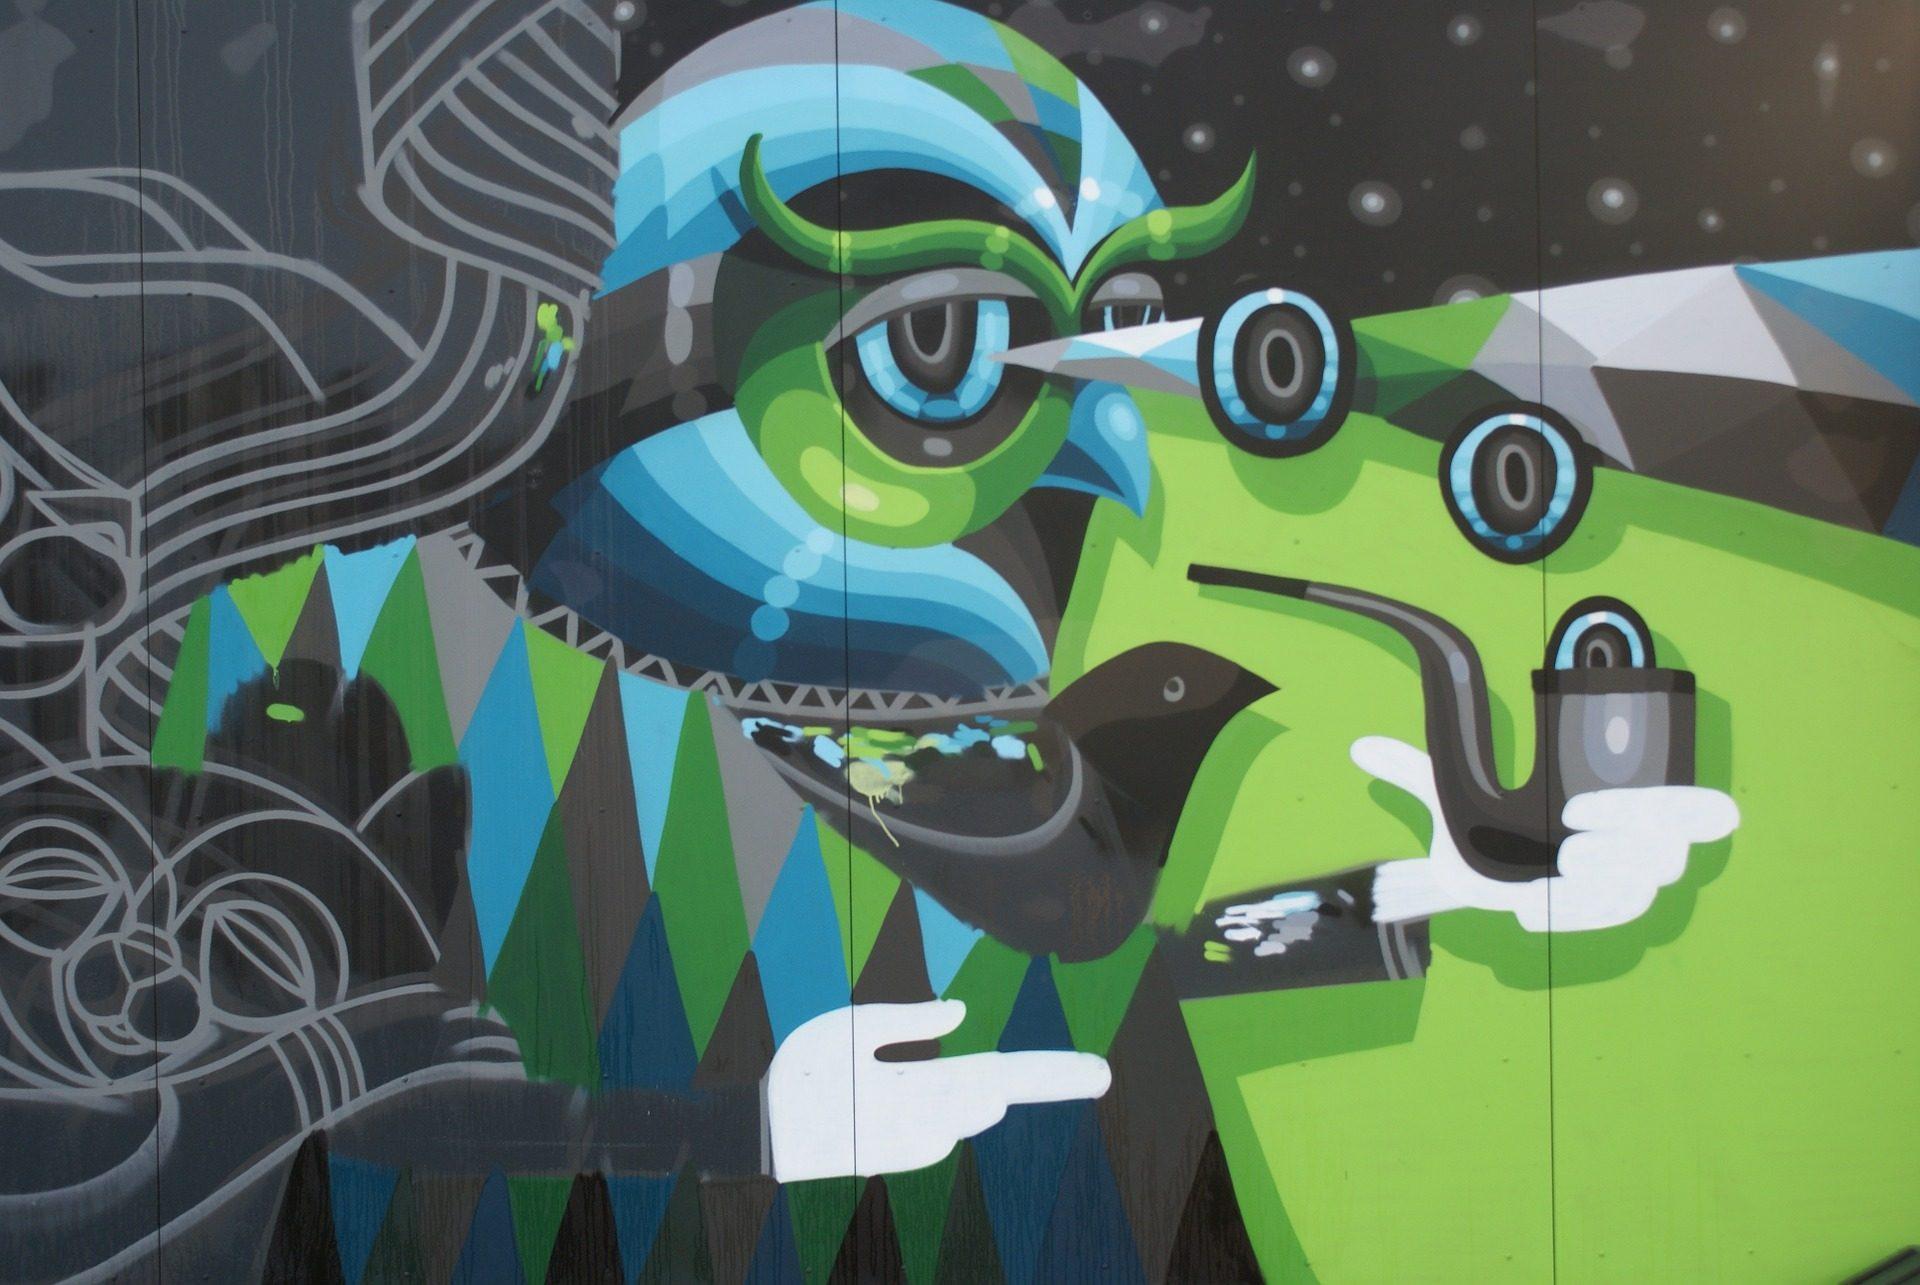 Γκράφιτι, Ζωγραφική, σχέδιο, τέχνη, Οδός, pared, Τοίχου - Wallpapers HD - Professor-falken.com